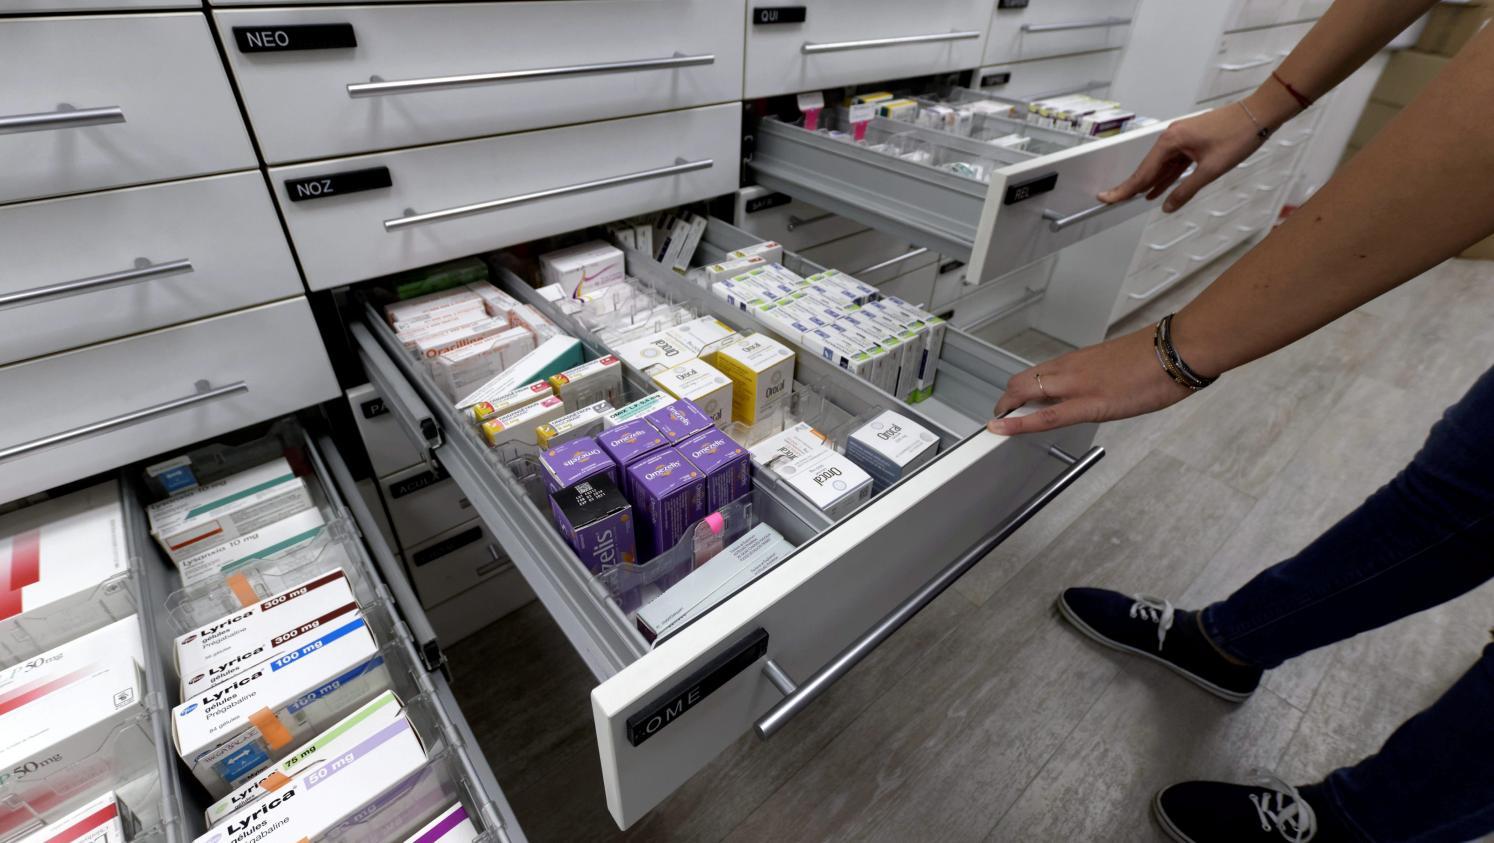 Nantes : une femme tente de récupérer un traitement anti-cancer à 4 000 euros avec une ordonnance volée